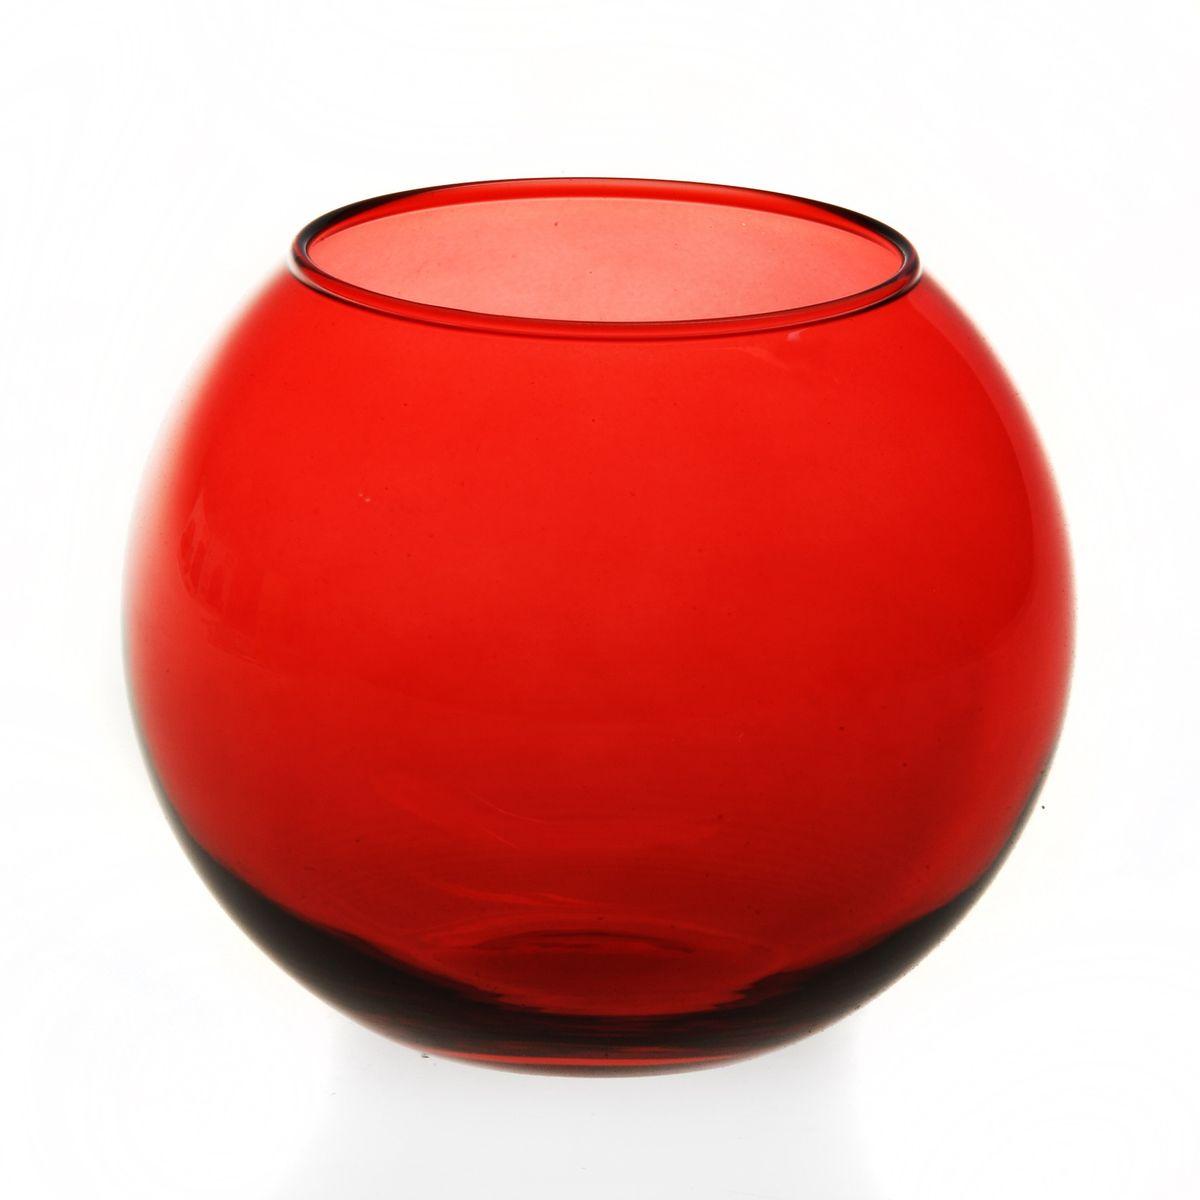 Ваза Workshop Flora, цвет: красный, высота 11 см43417RВаза Workshop Flora, выполненная из натрий-кальций-силикатного стекла, сочетает в себе изысканный дизайн с максимальной функциональностью. Круглая ваза имеет гладкие одноцветные стенки. Она идеально подойдет для мелких цветов. Такая ваза придется по вкусу и ценителям классики, и тем, кто предпочитает утонченность и изысканность. Высота вазы: 11 см. Диаметр вазы (по верхнему краю): 7,9 см.